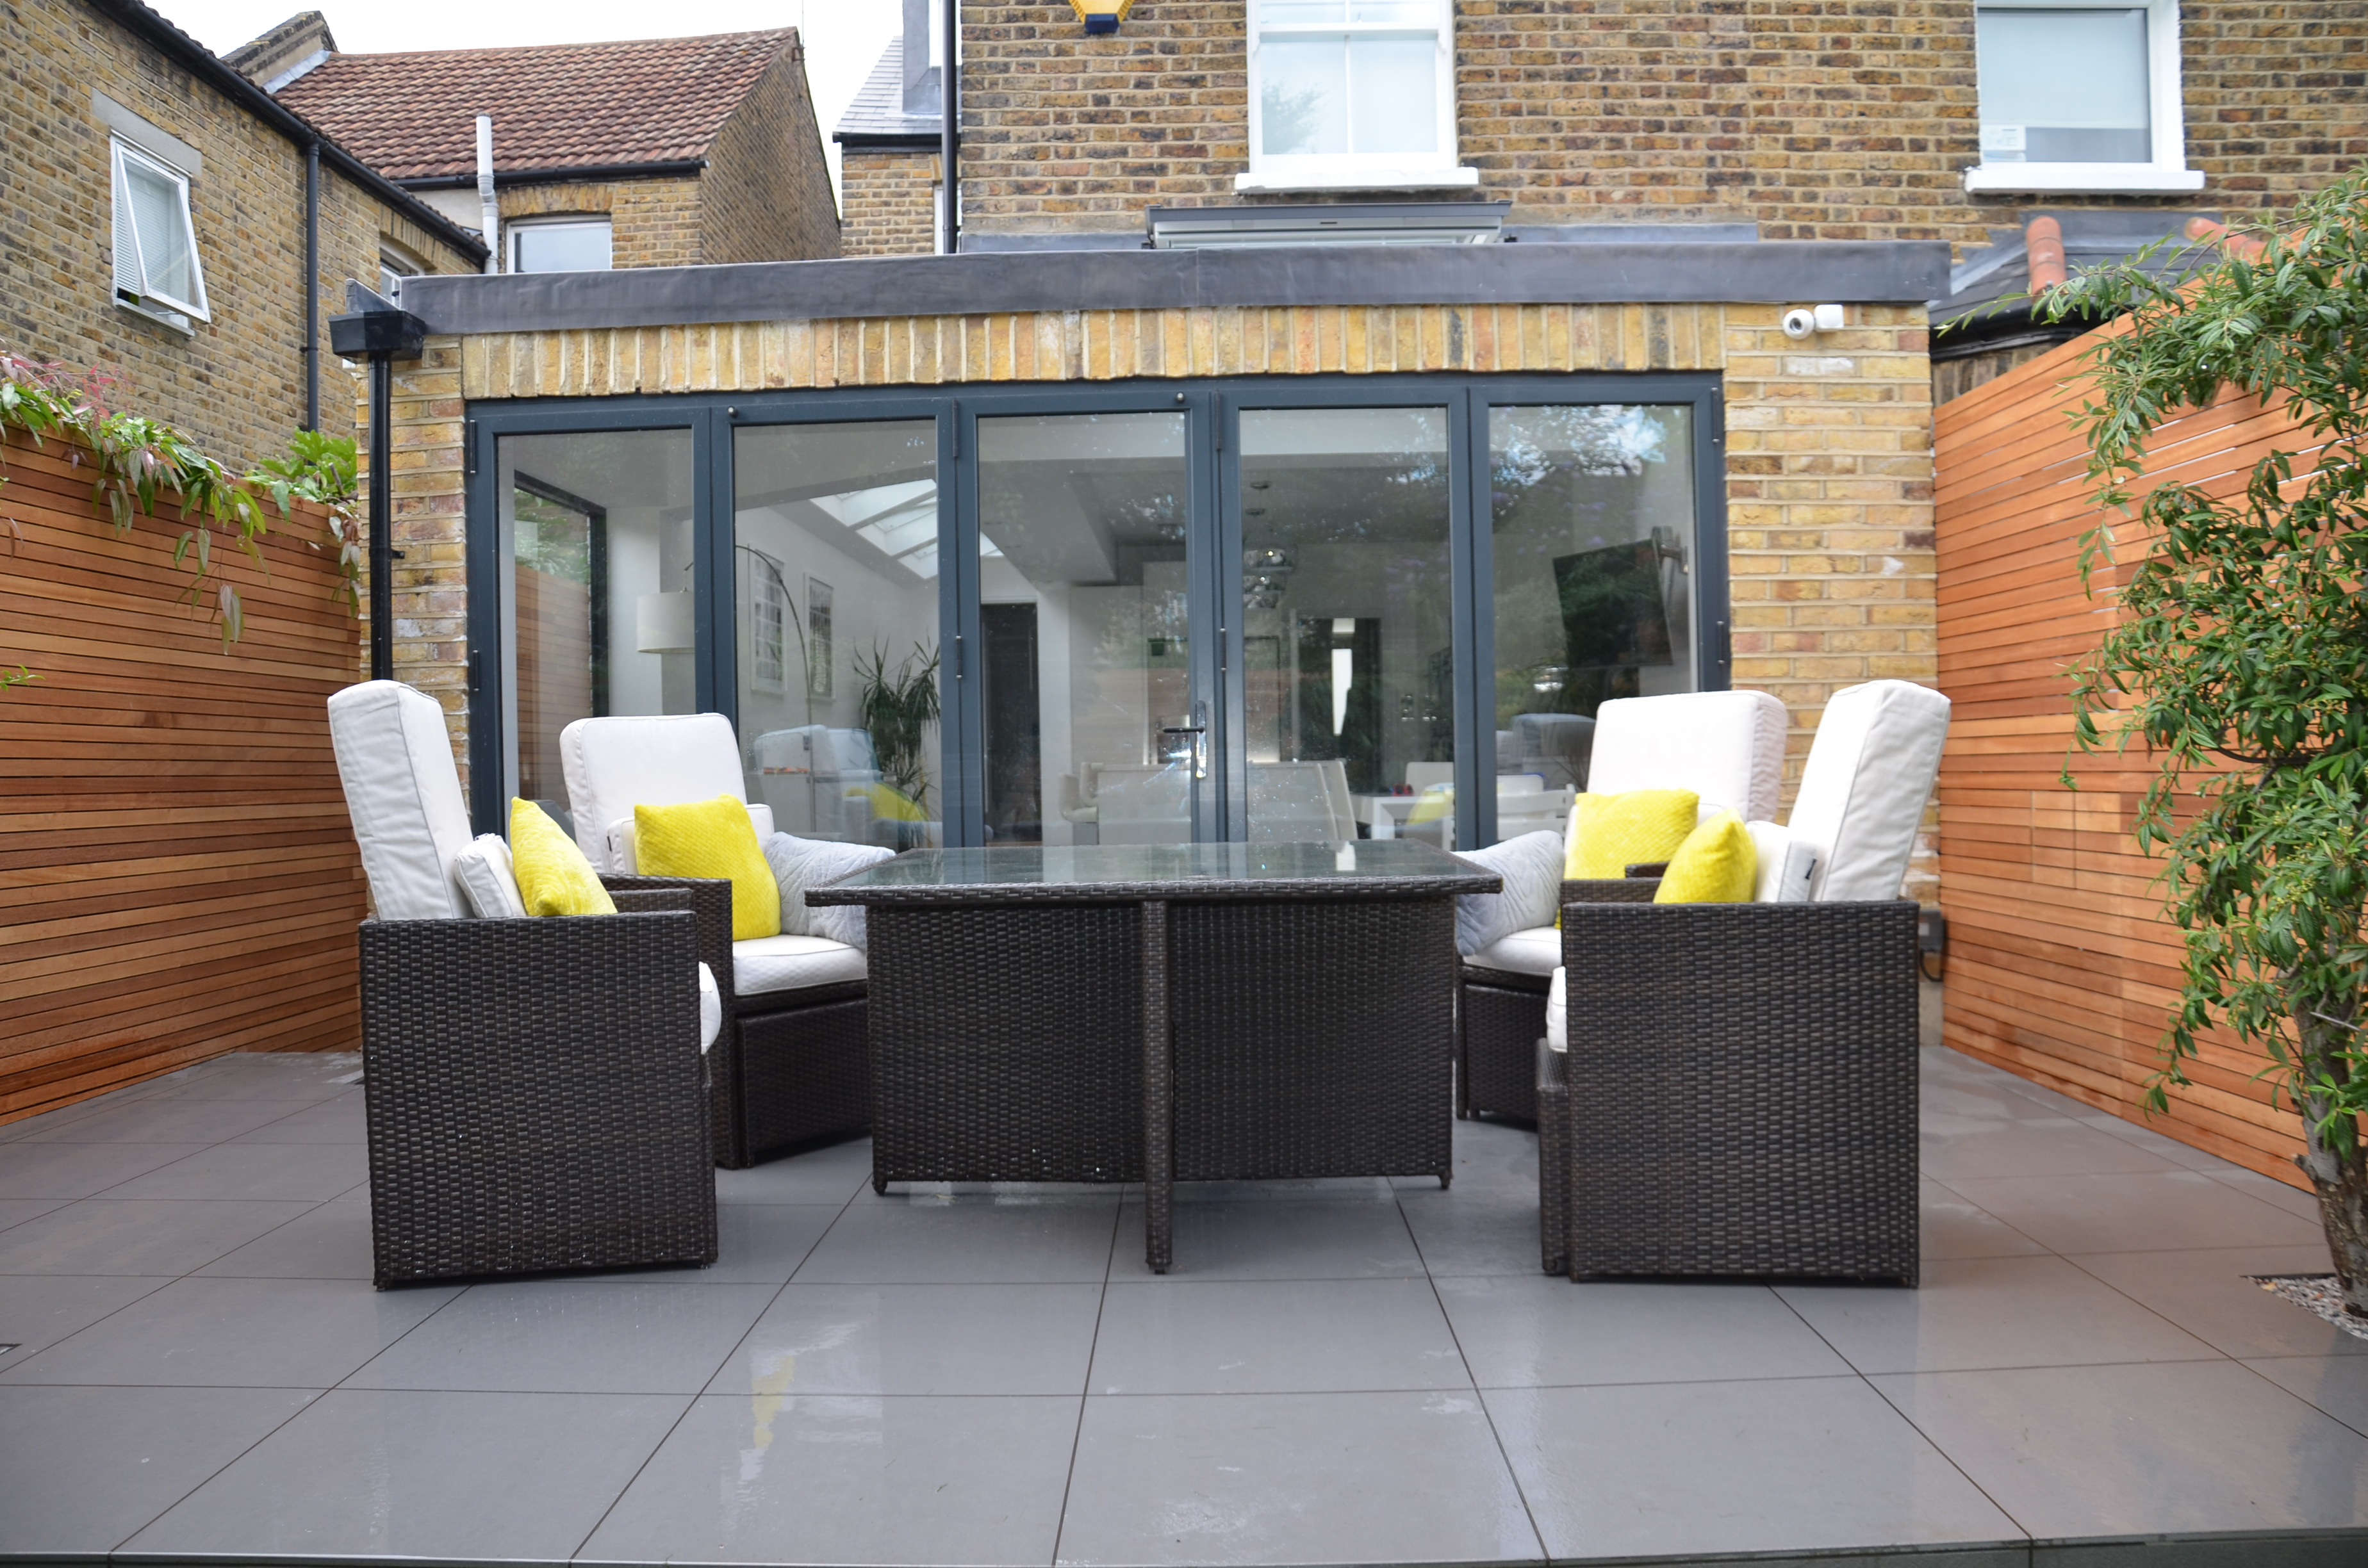 Garden Designer London Anewgarden - London Garden Blog